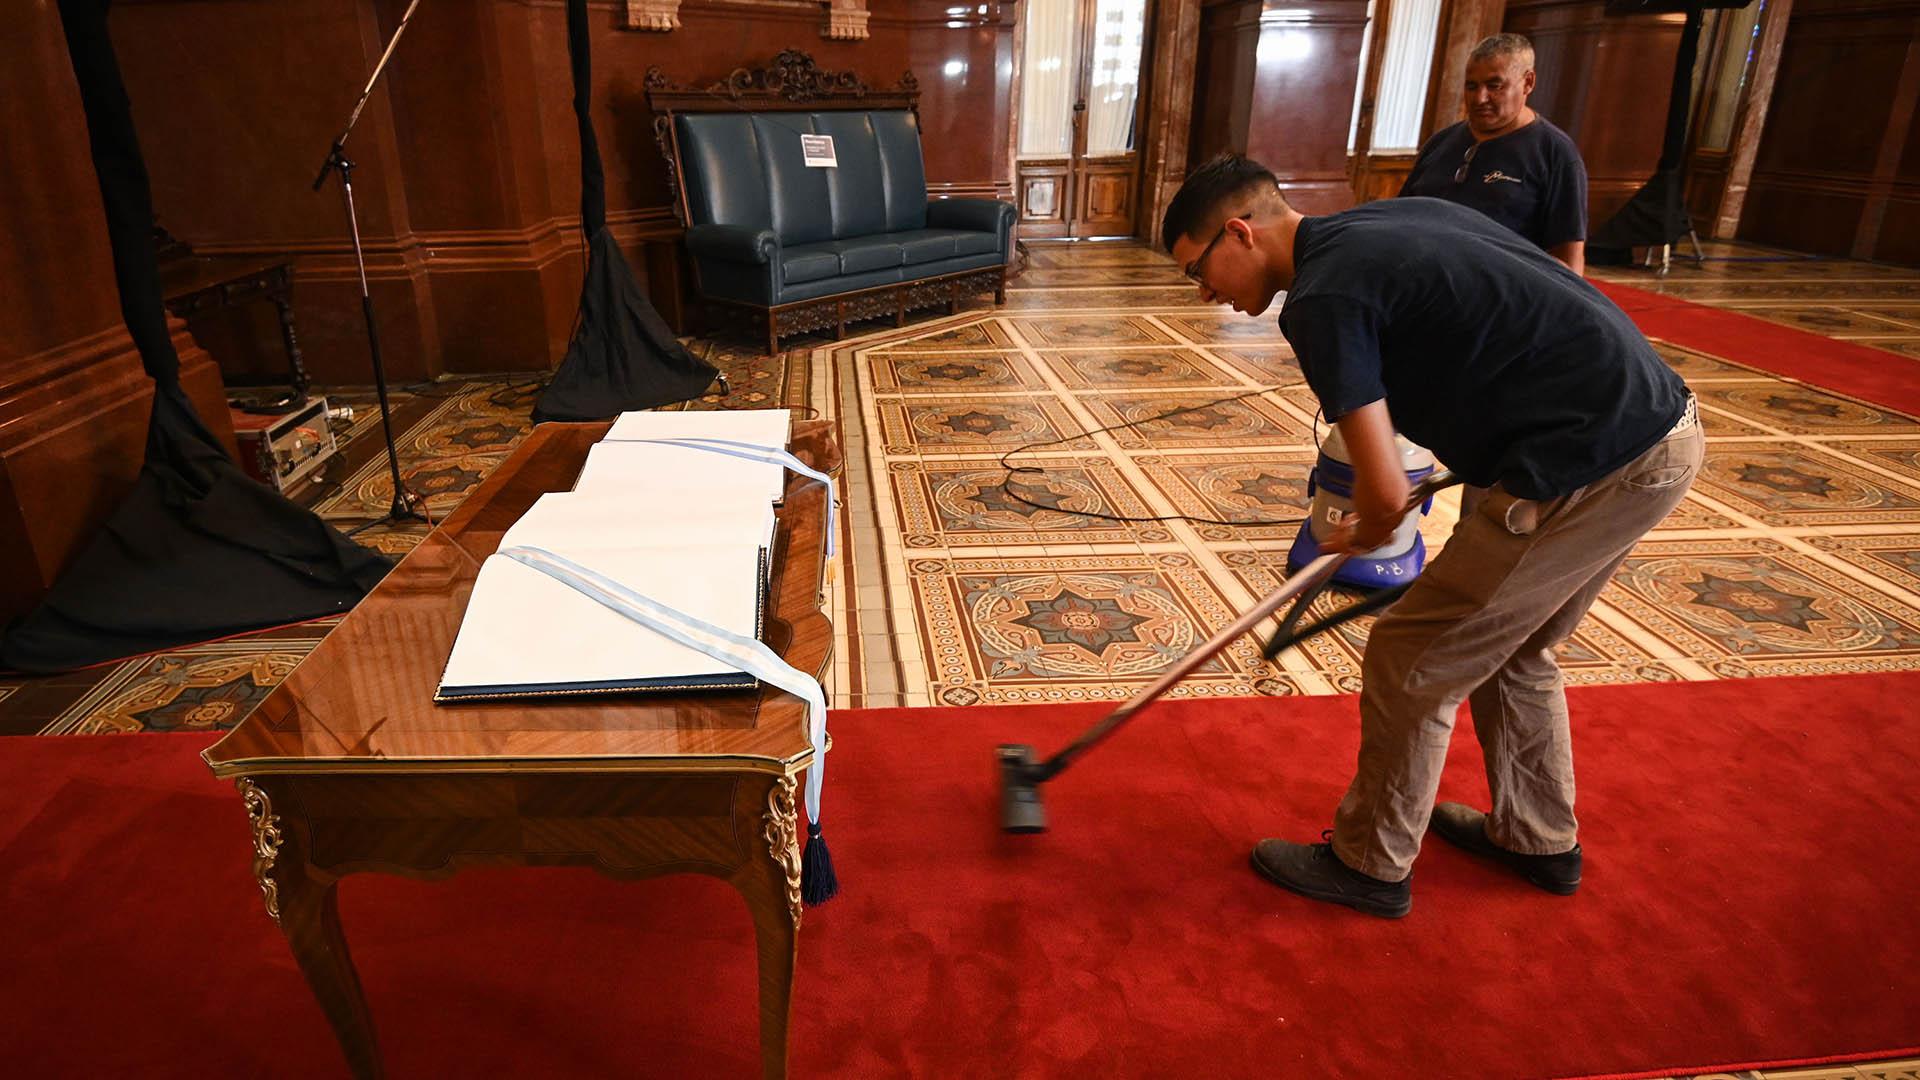 Preparativos ceremonia de asunción y traspaso de mando presidencial, en el Congreso de la Nación